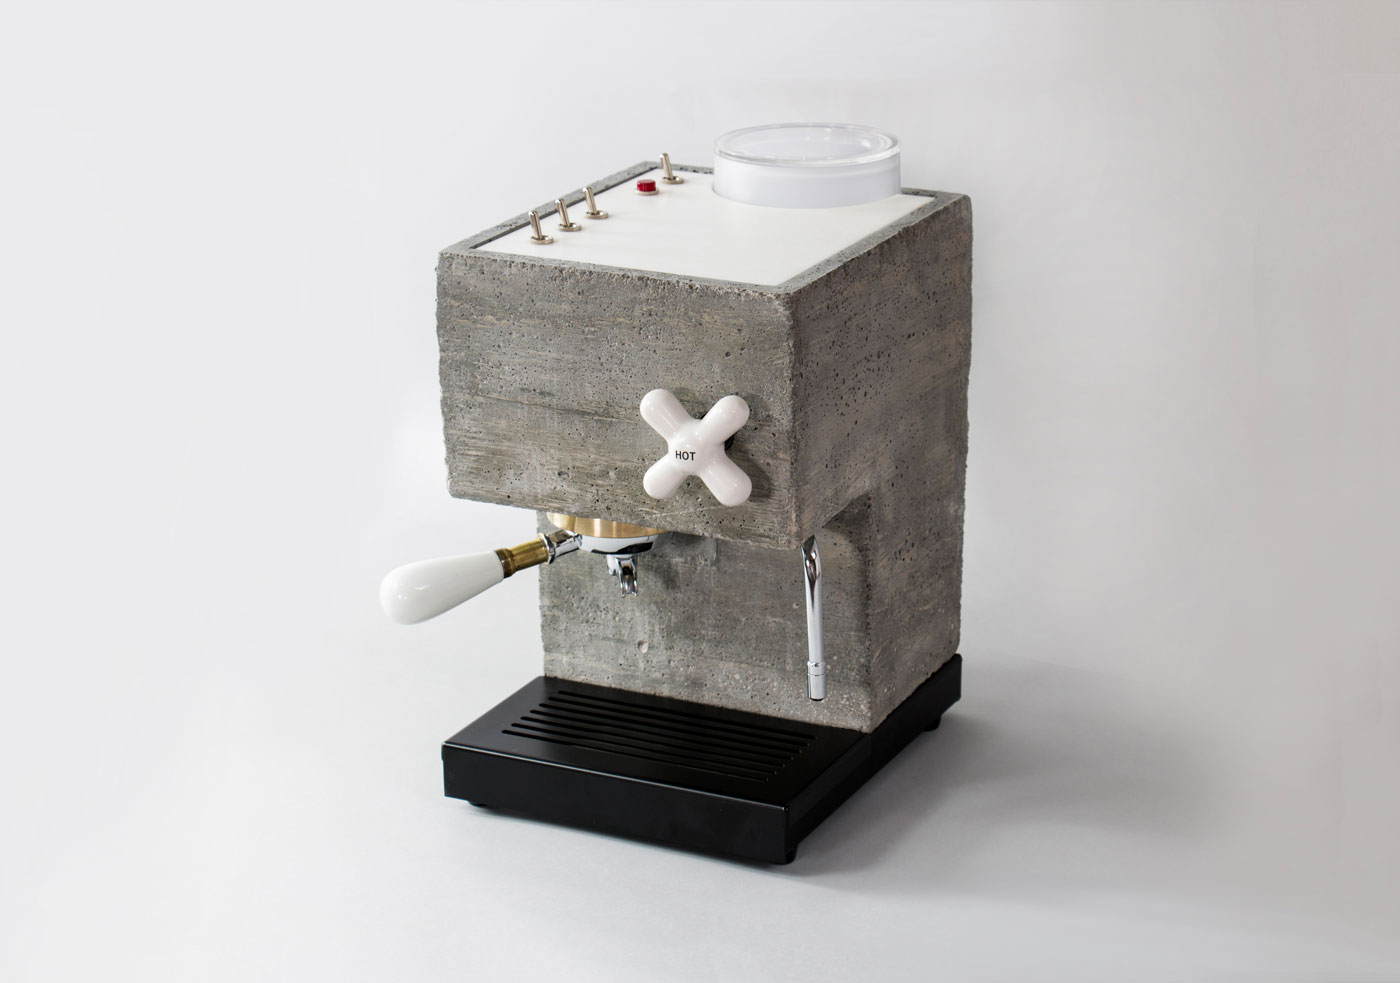 Anza_Concrete_coffee-machine-4